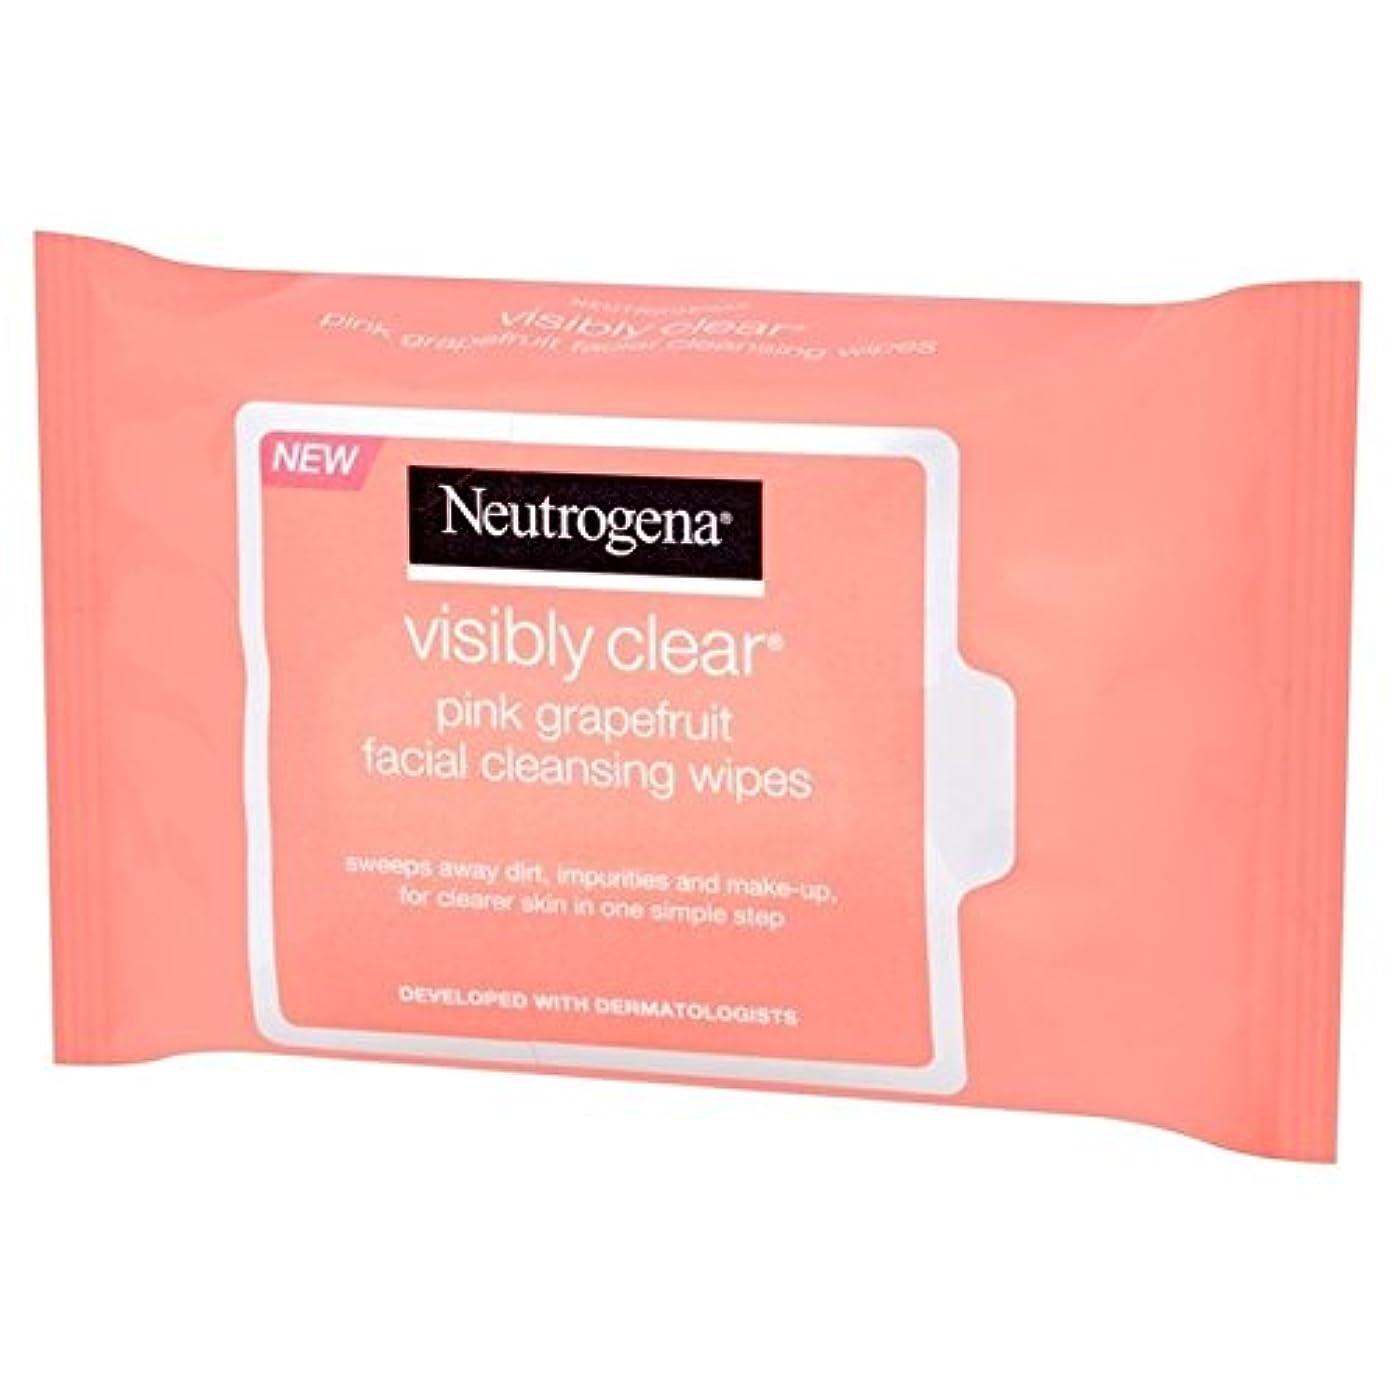 推進、動かす制約ボランティアNeutrogena Visibly Clear Pink Grapefruit Wipes 25 per pack - ニュートロジーナ目に見えて明らかピンクグレープフルーツは、パックごとに25ワイプ [並行輸入品]